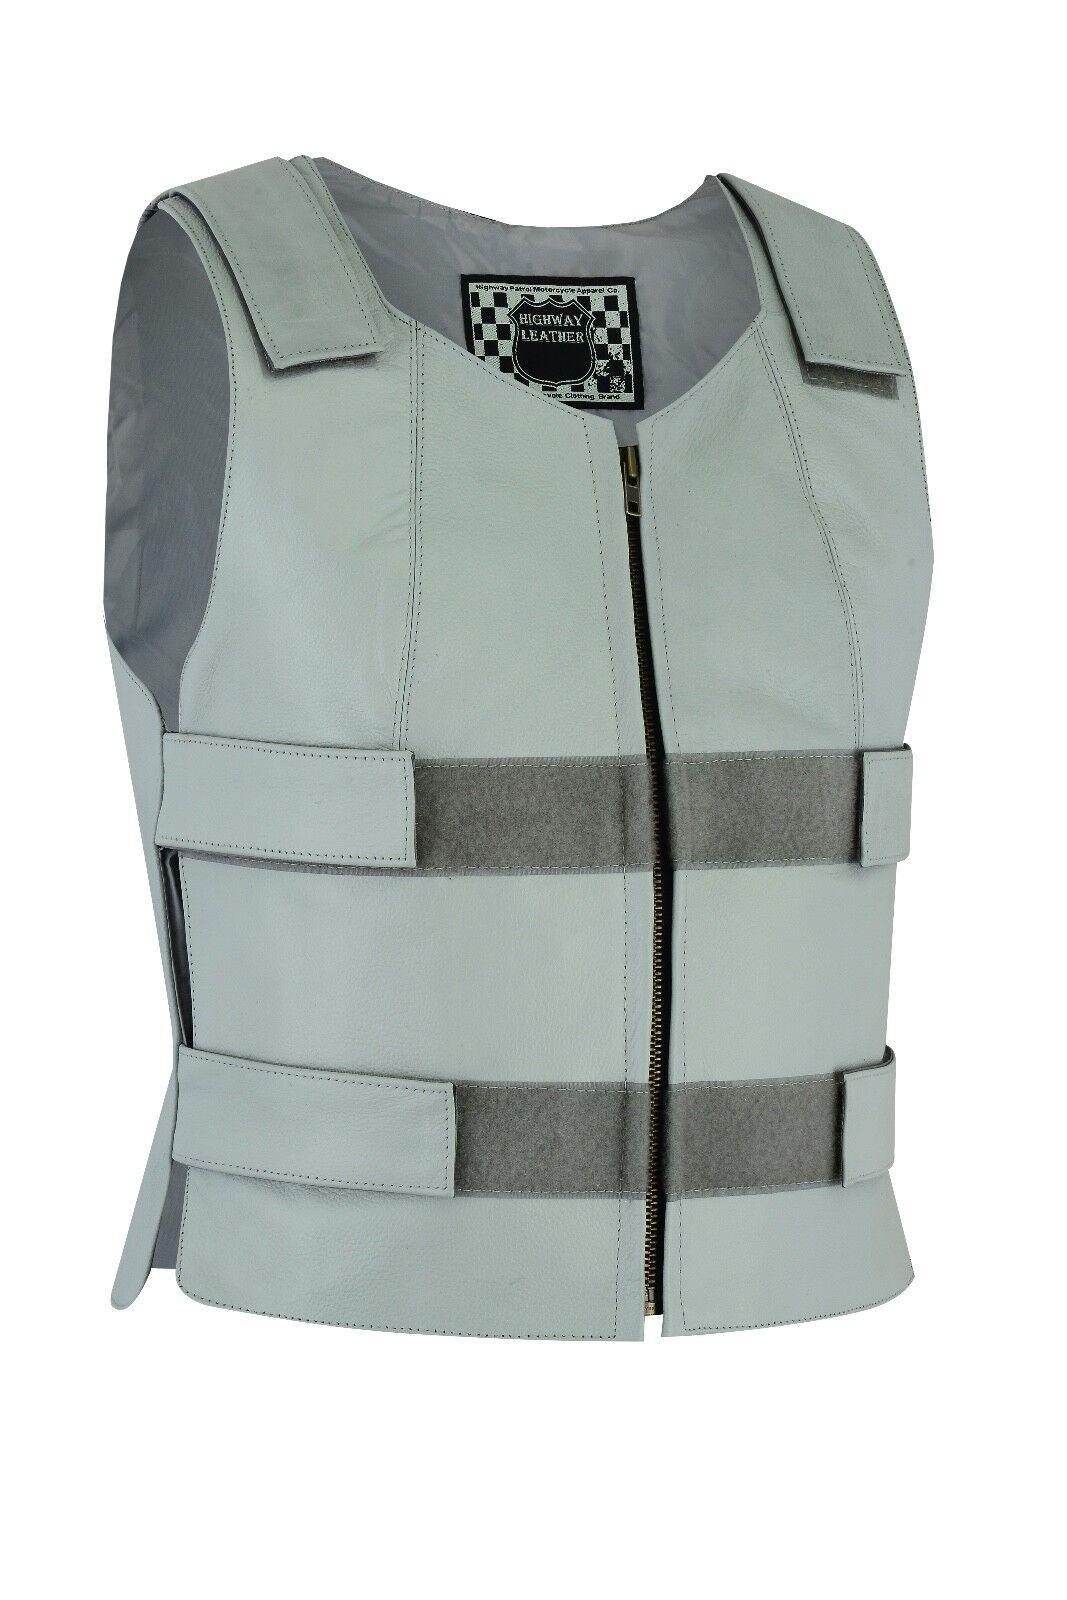 Damens grau Bullet Proof style Leder Vest for bikers Club Tactical Grau Vest